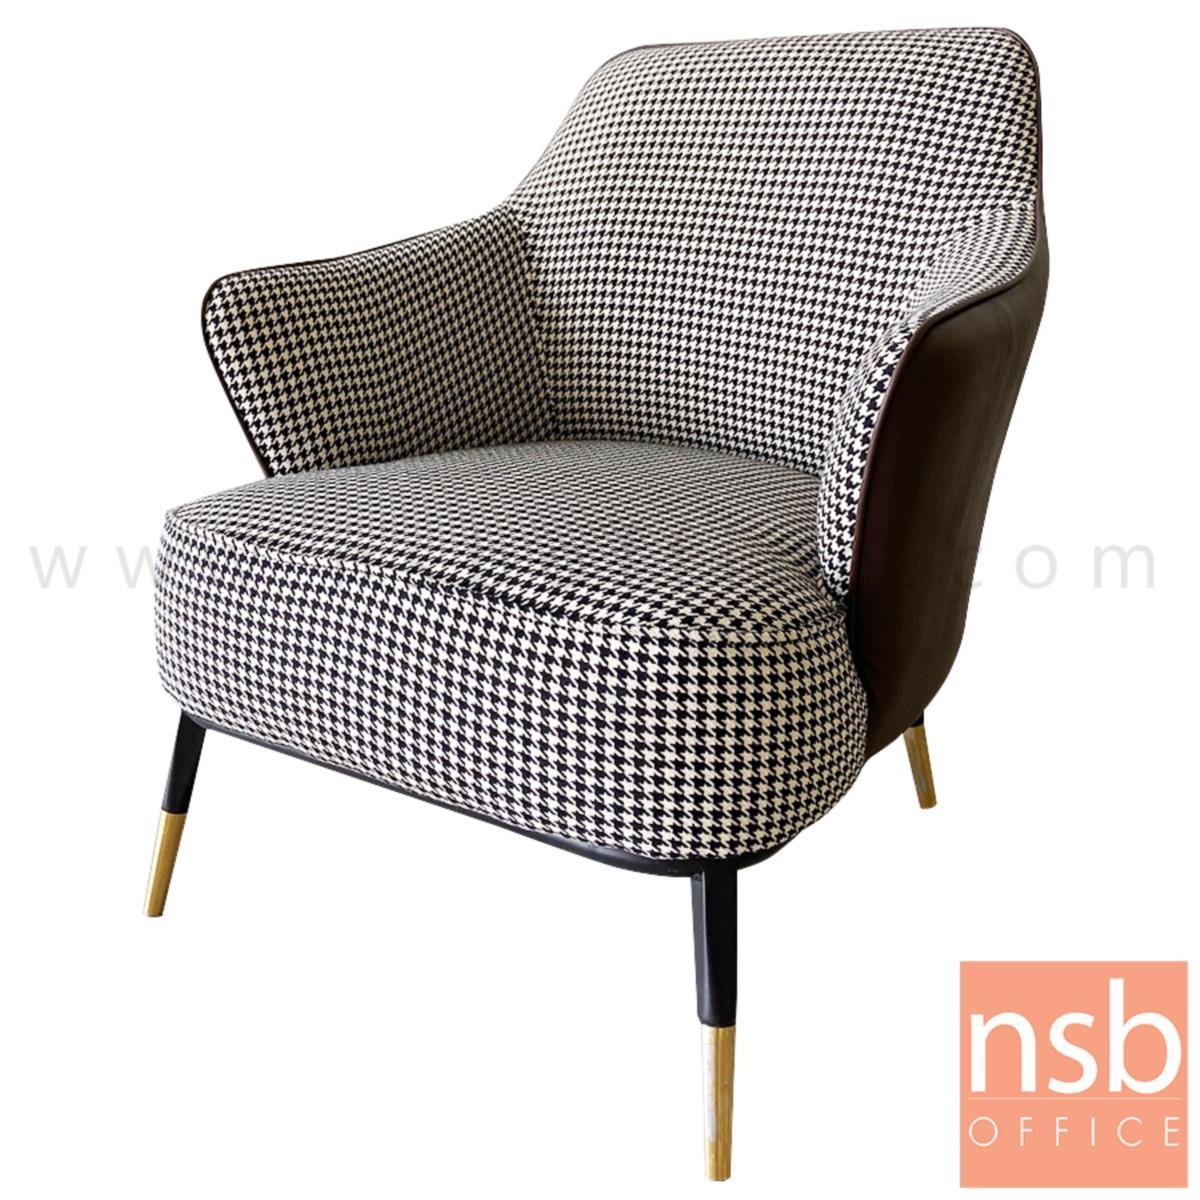 B29A372:เก้าอี้โมเดิร์นหุ้มผ้า รุ่น Lasagne (ลาซันย่า) ขนาด 72W cm.  โครงขาเหล็ก